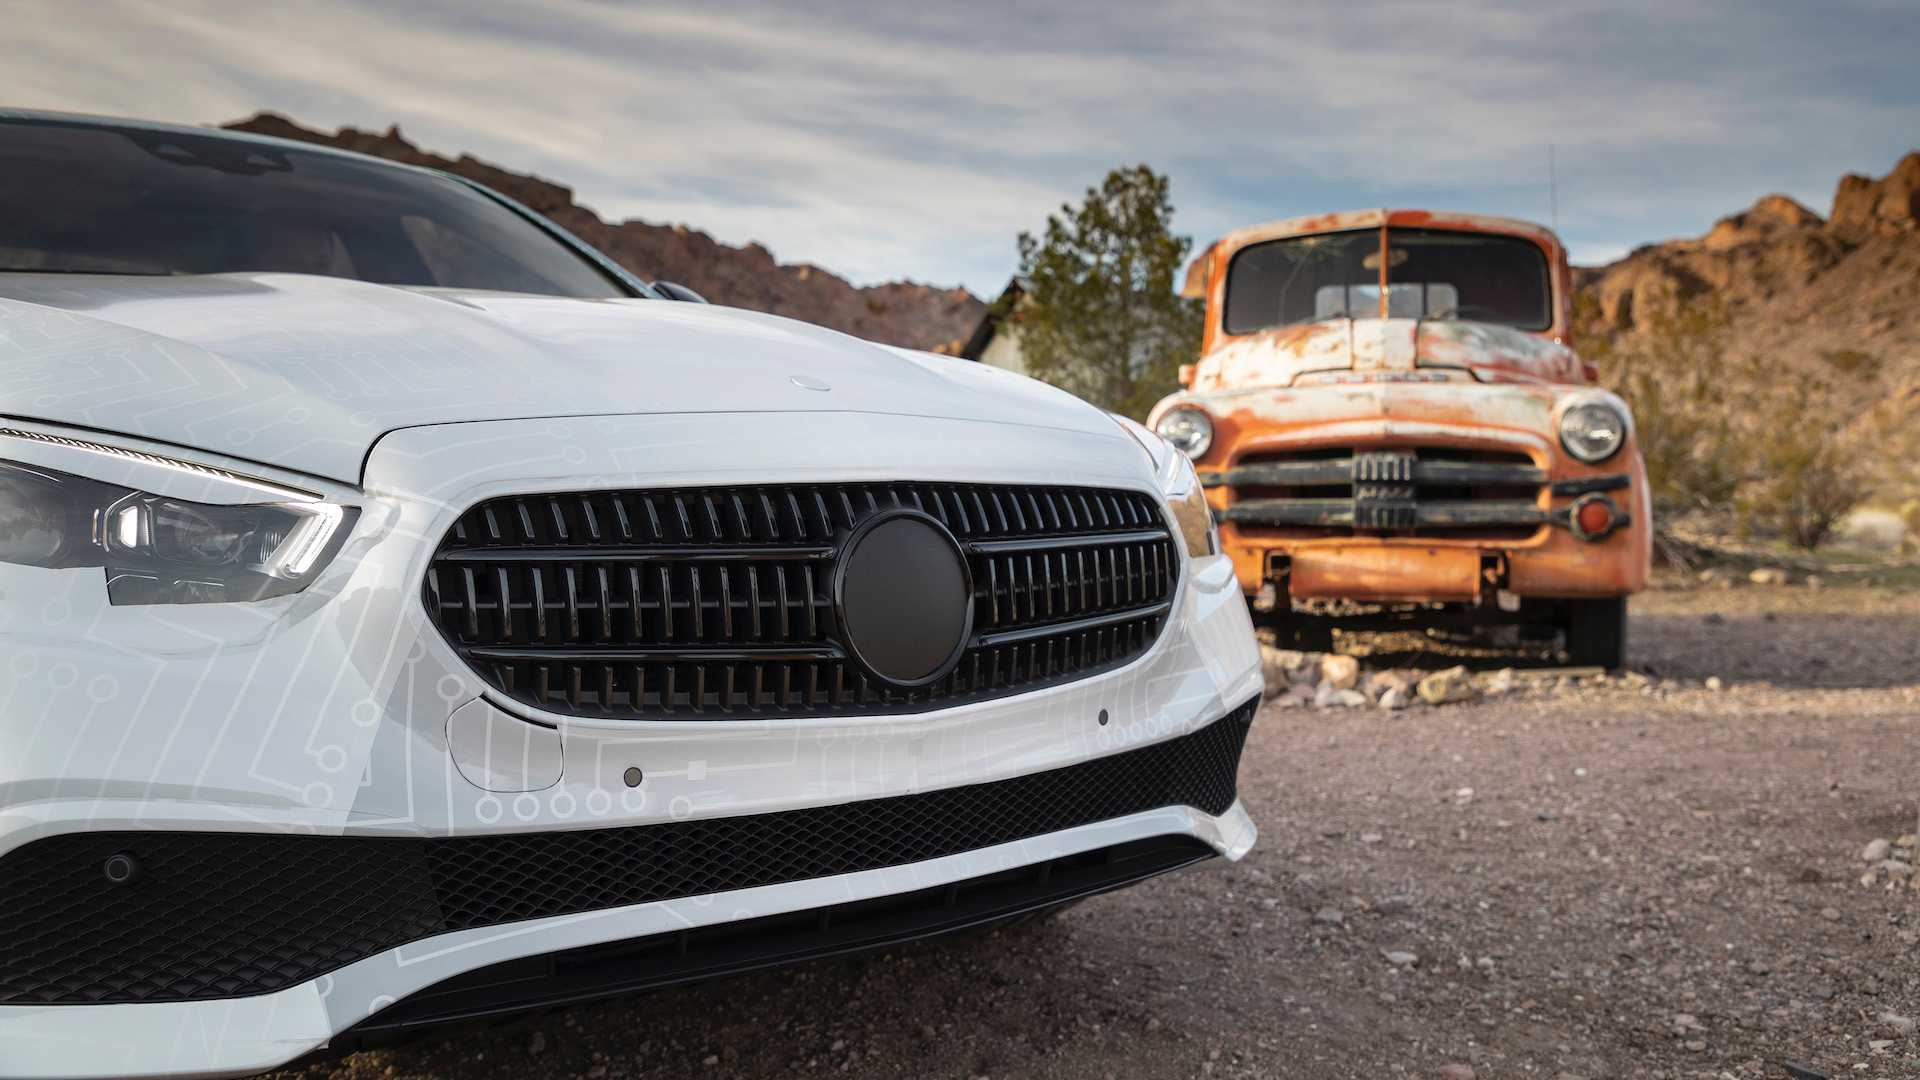 Hé lộ hình ảnh Mercedes-Benz E-Class facelift, thiết kế và động cơ mới - 11